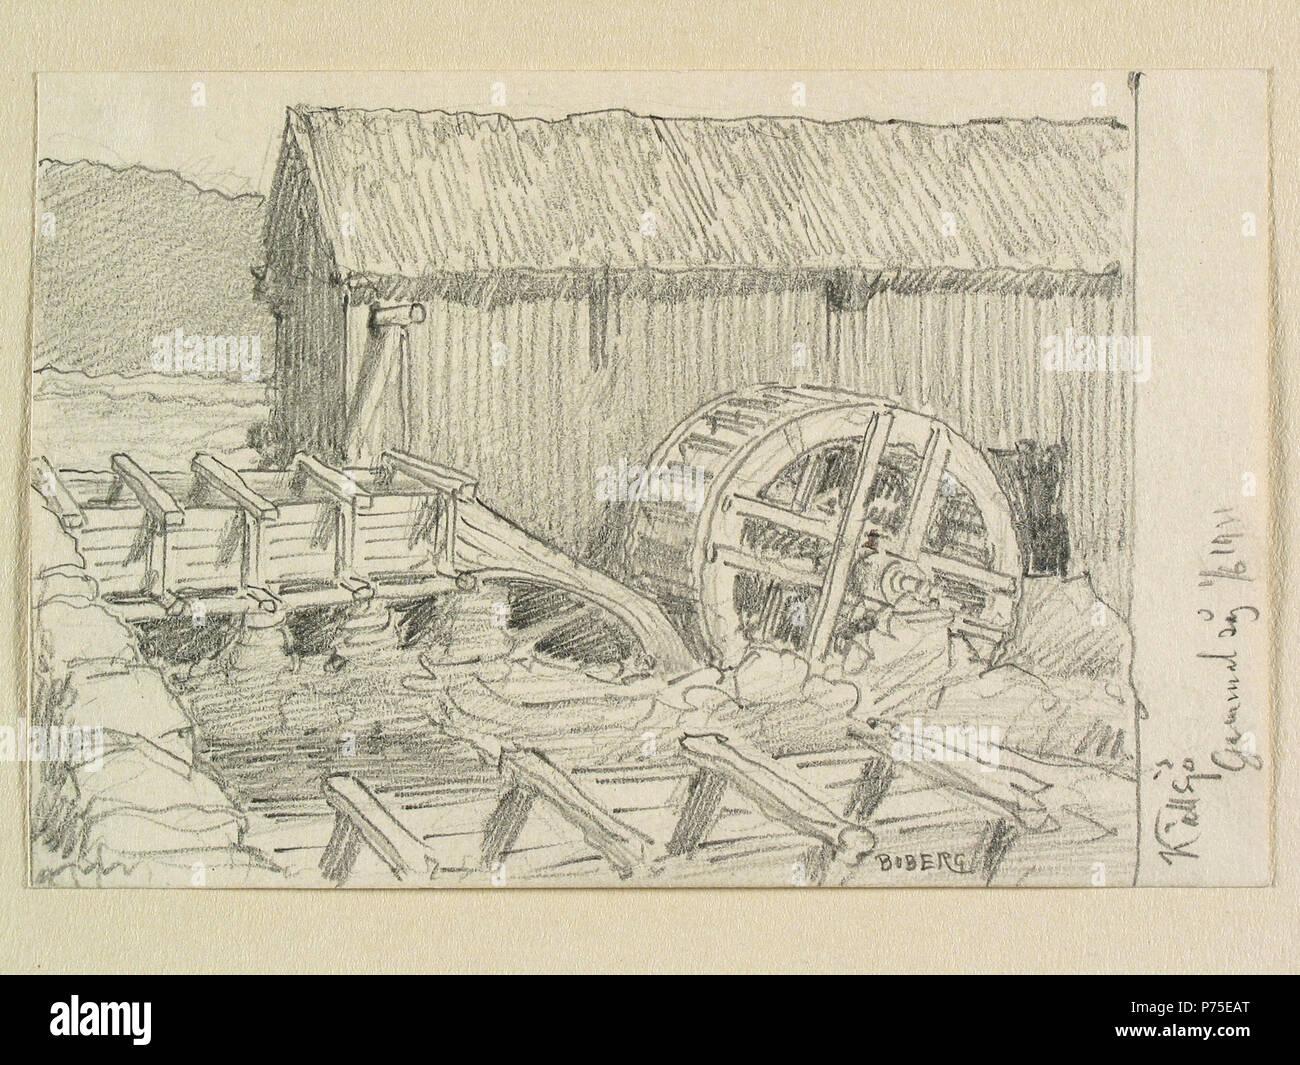 19 Halland, Faurås hd., Källsjö. Gammal såg. Teckning av Ferdinand Boberg - Nordiska museet - NMA.0088200 - Stock Image